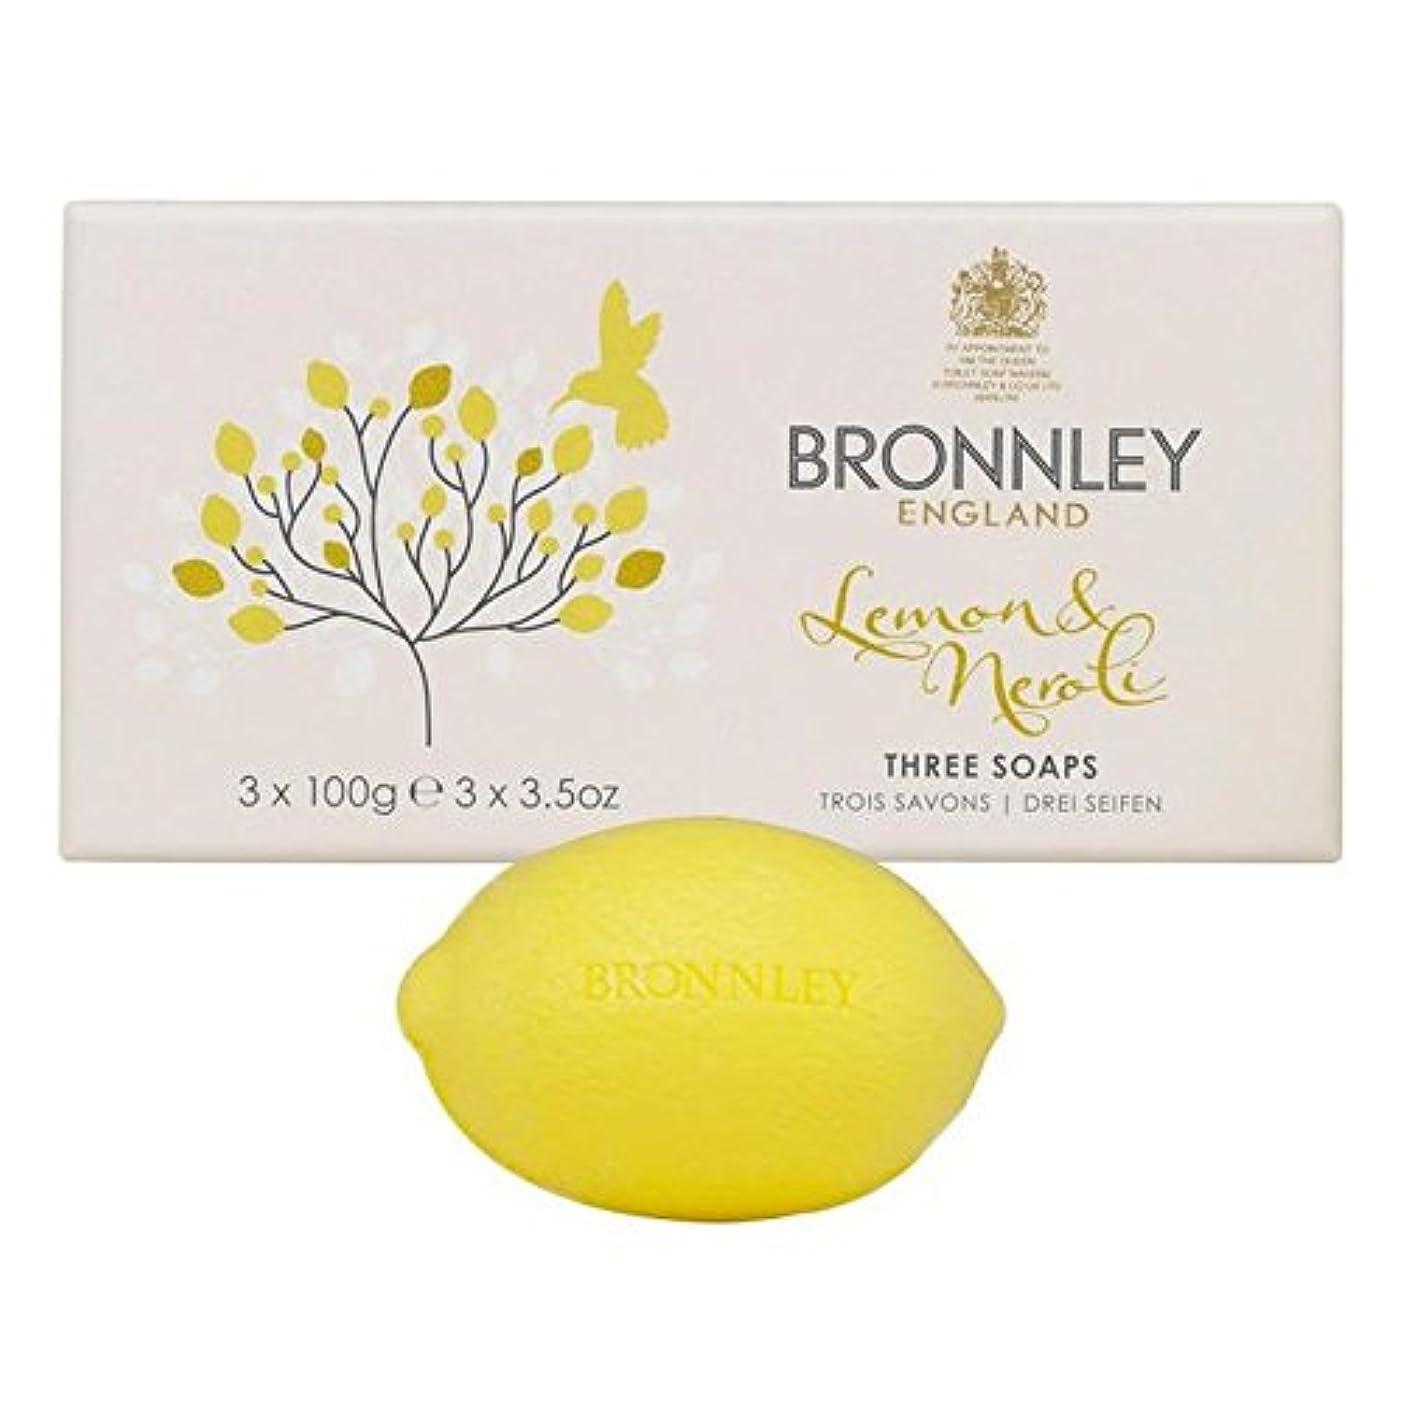 貫通するテレマコスバイアスBronnley Lemon & Neroli Soaps 3 x 100g (Pack of 6) - レモン&ネロリ石鹸3×100グラム x6 [並行輸入品]